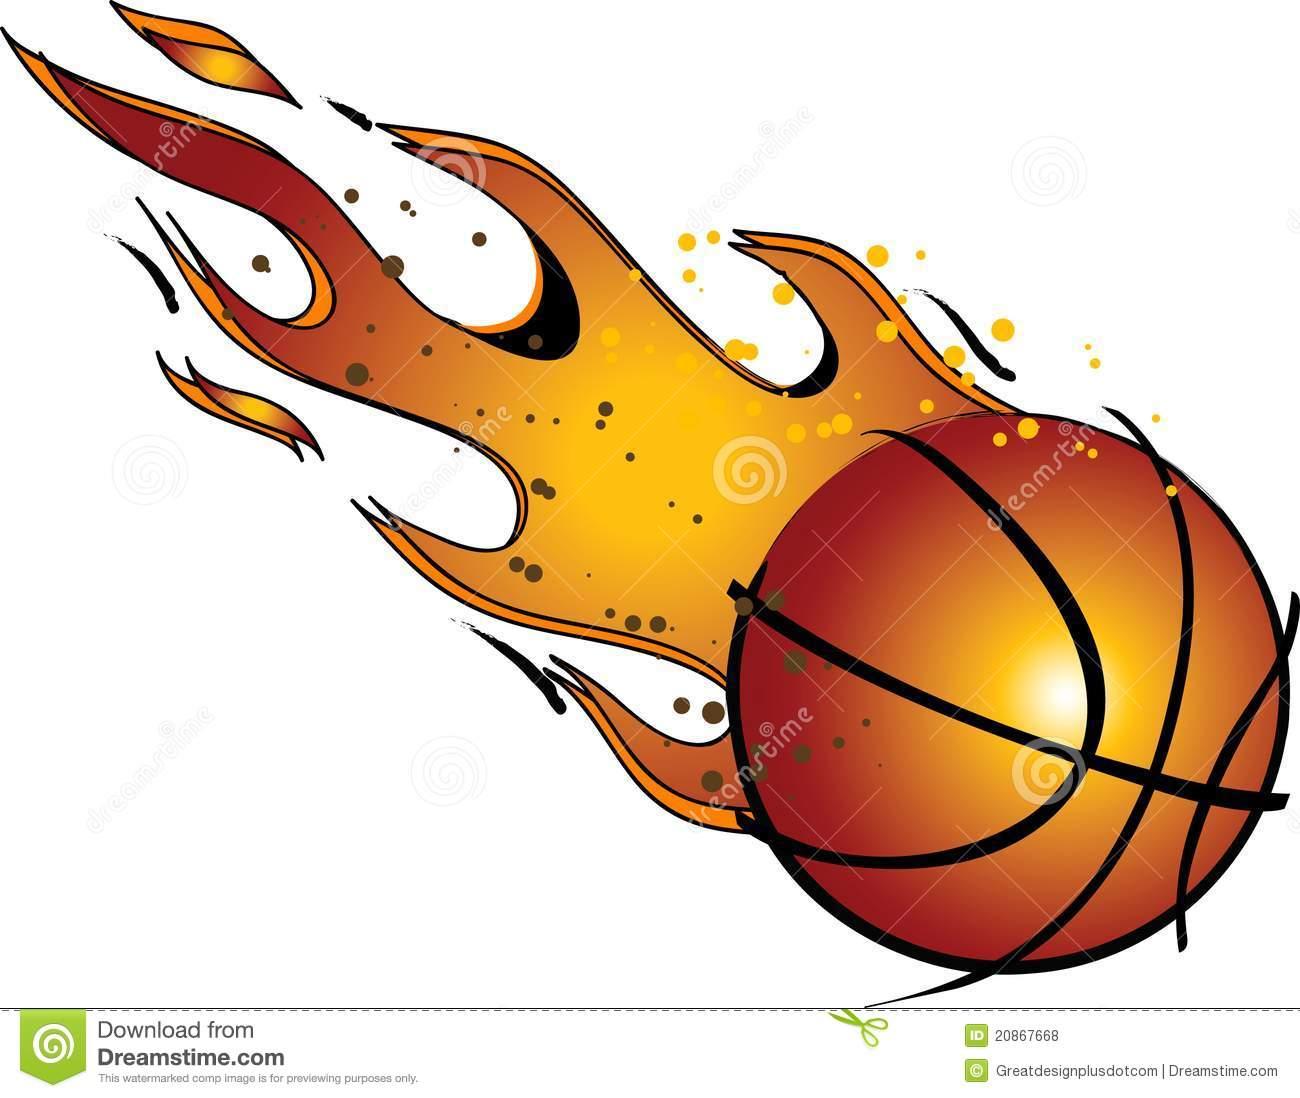 6993d87388afea505c11e91c03212 - Basketball Clipart Images